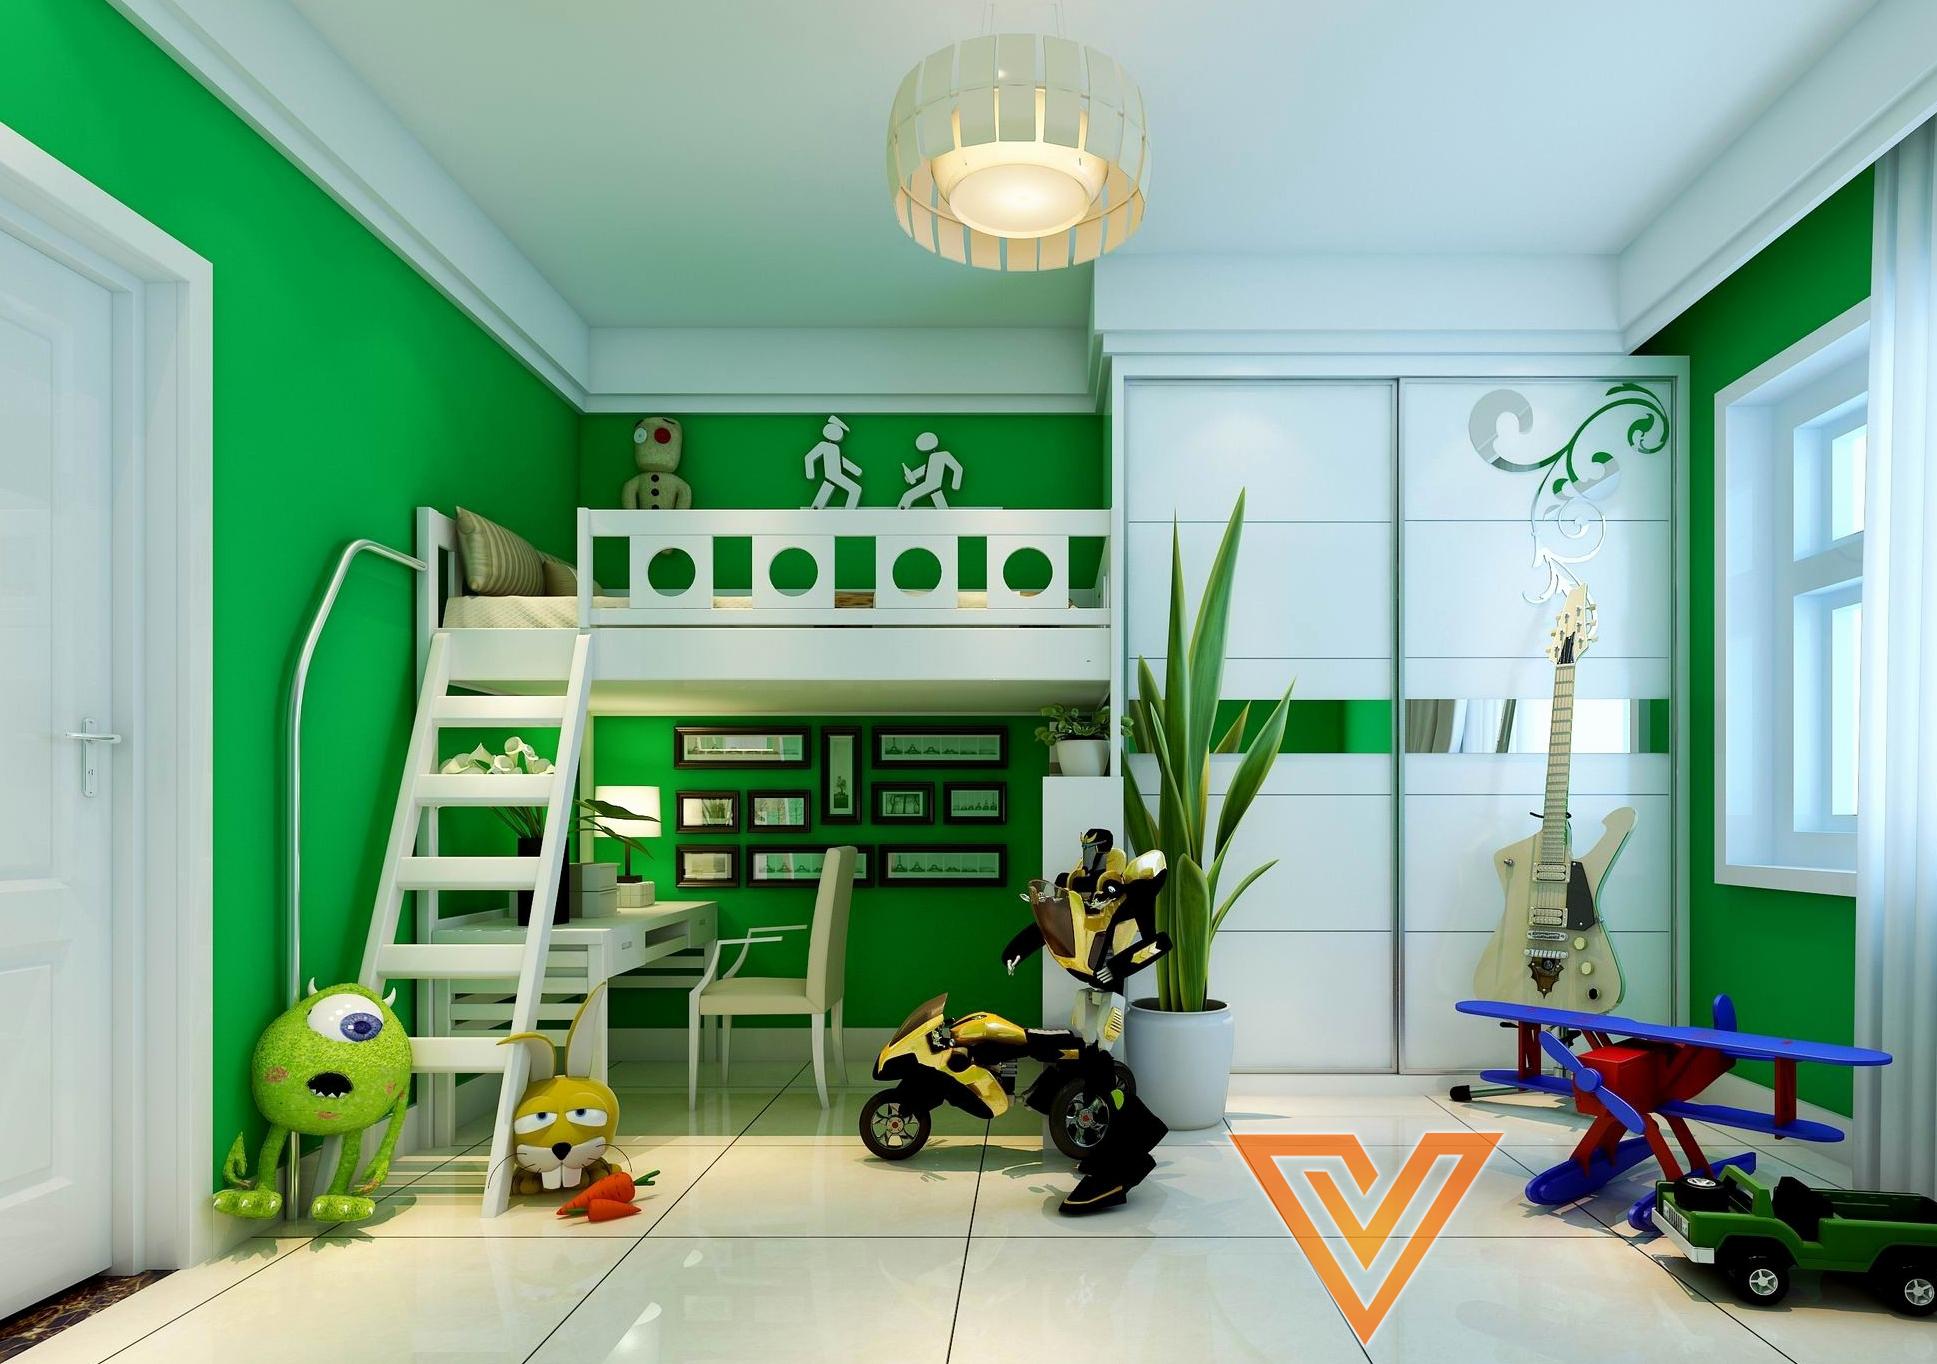 kid room 3ds max elegant kids bedroom 3d model interior design visionarch blog. Black Bedroom Furniture Sets. Home Design Ideas